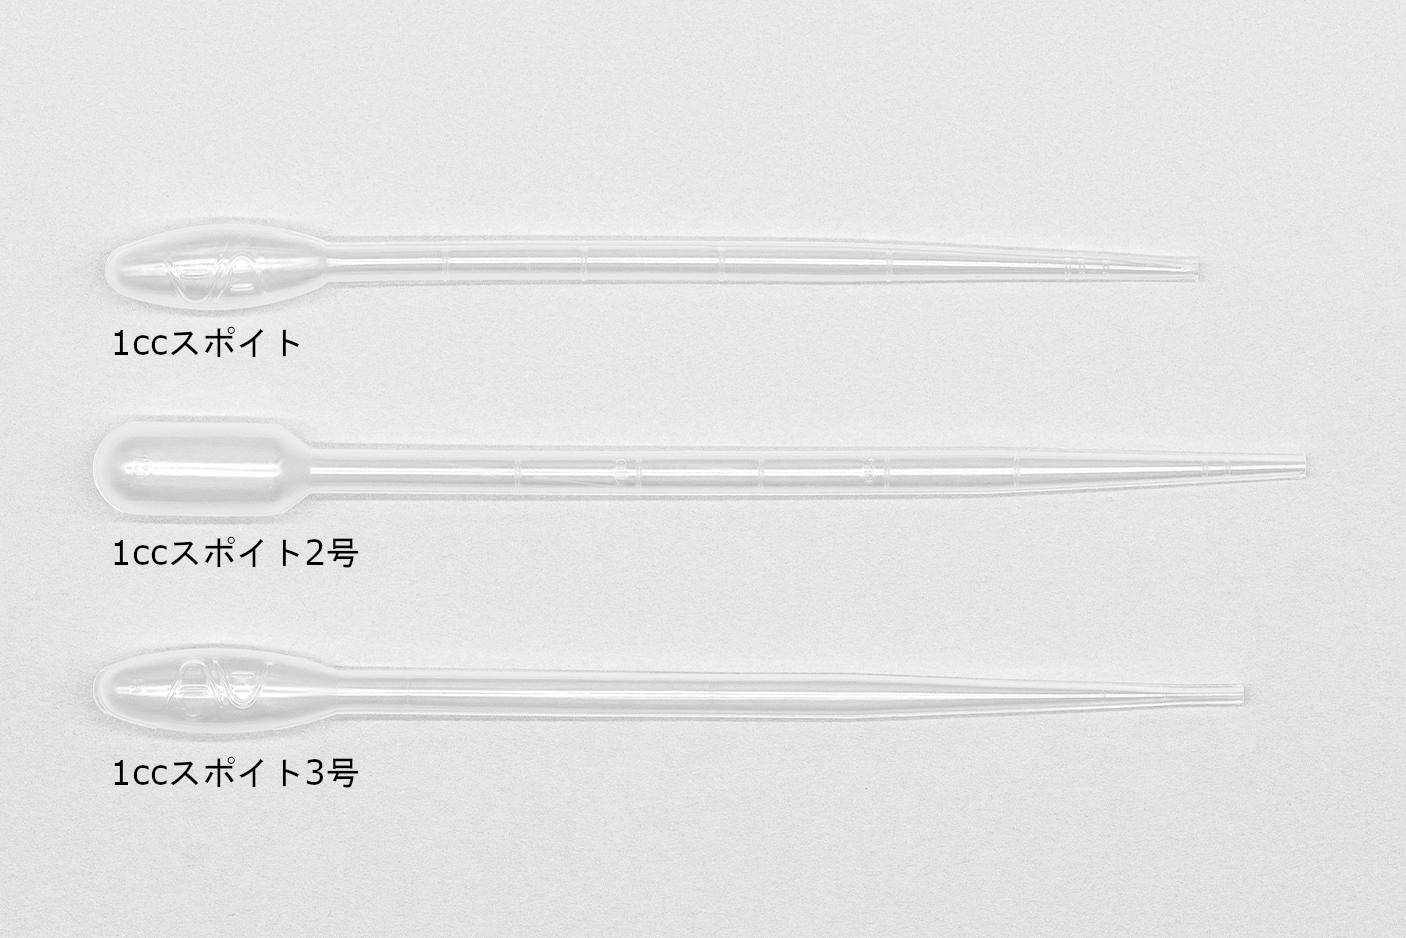 微生物検査 尿検査 沈渣 スポイト 1cc プラスチック 比較